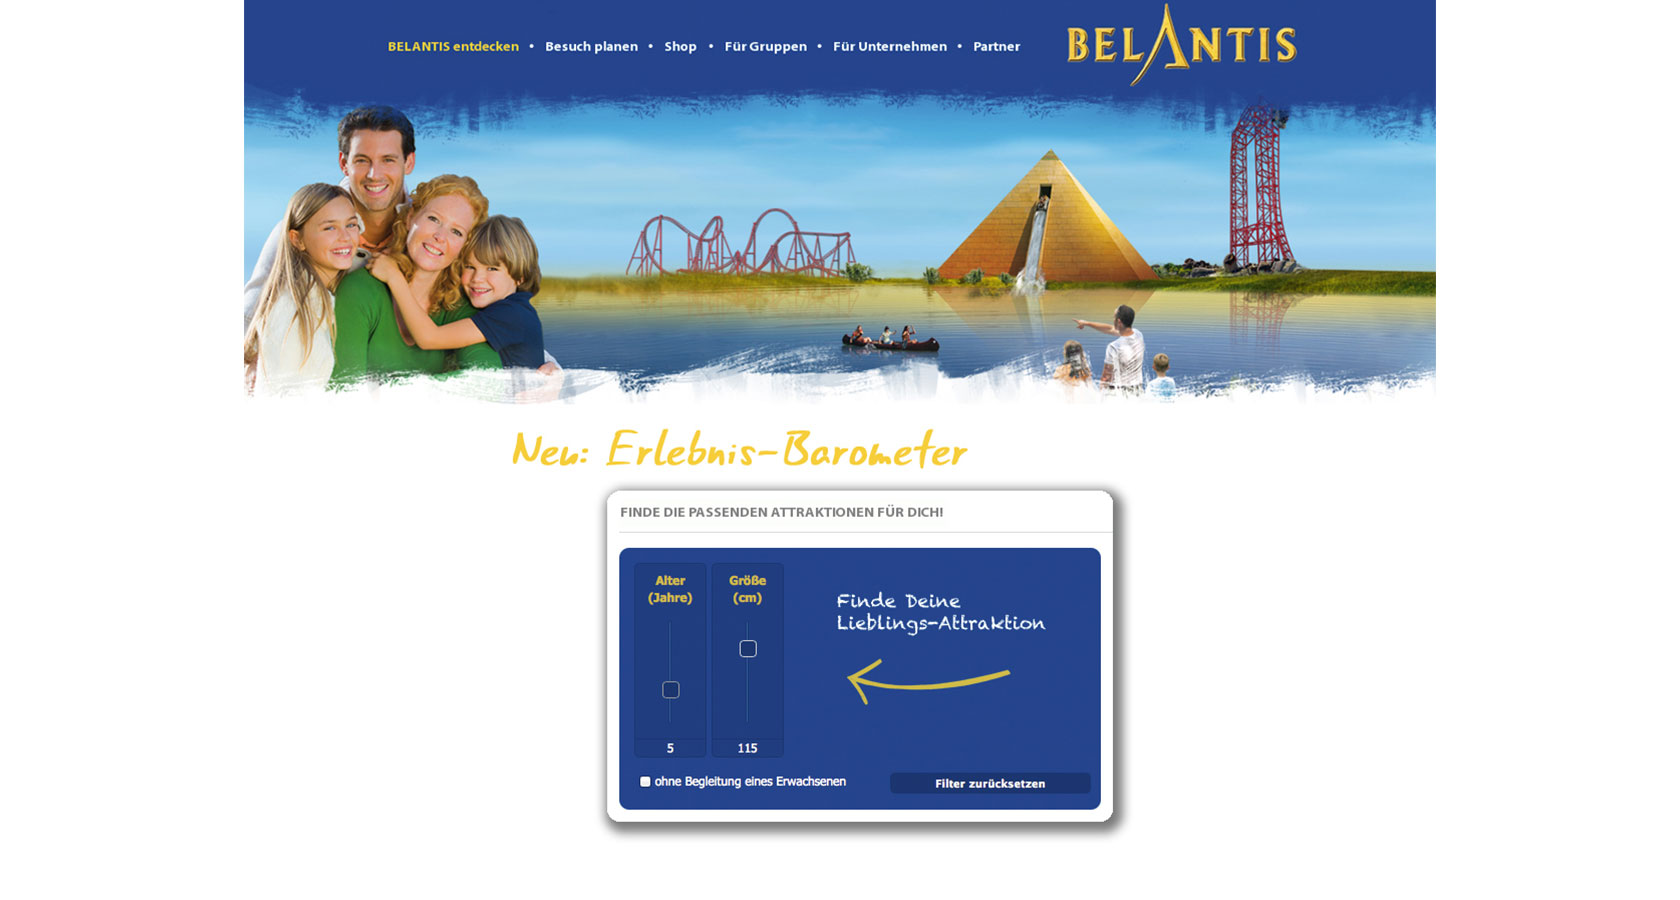 Screenshot vom Erlebnis-Barometer welches für den Freizeitpark Belantis realisiert wurde